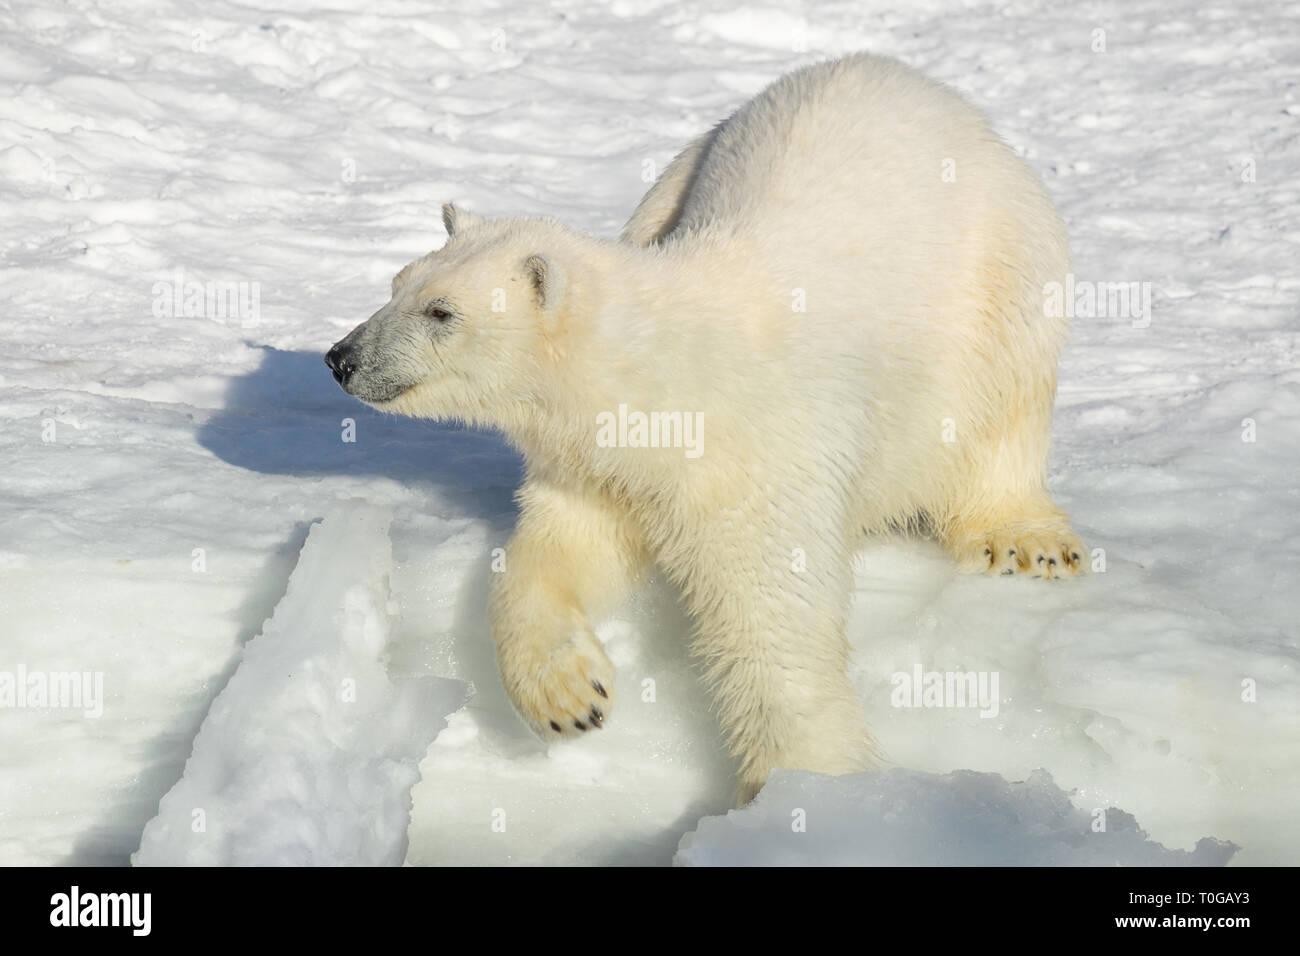 Polar bear cub by the seaside. Ursus maritimus or Thalarctos Maritimus. Animals in wildlife. - Stock Image